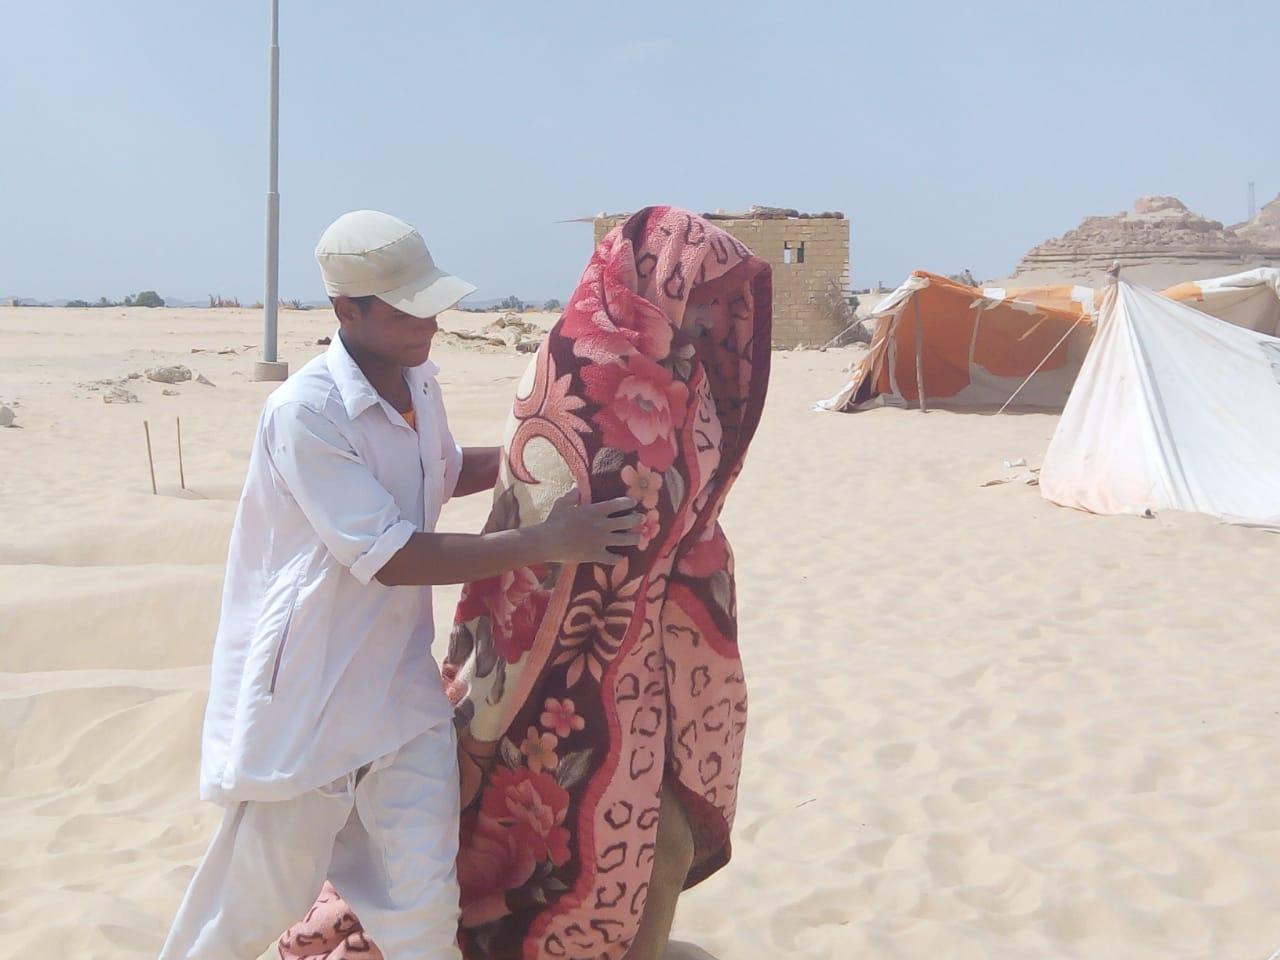 لف المريض ببطانية مع نهاية حمام الرمال لمنع تعريضه للهواء